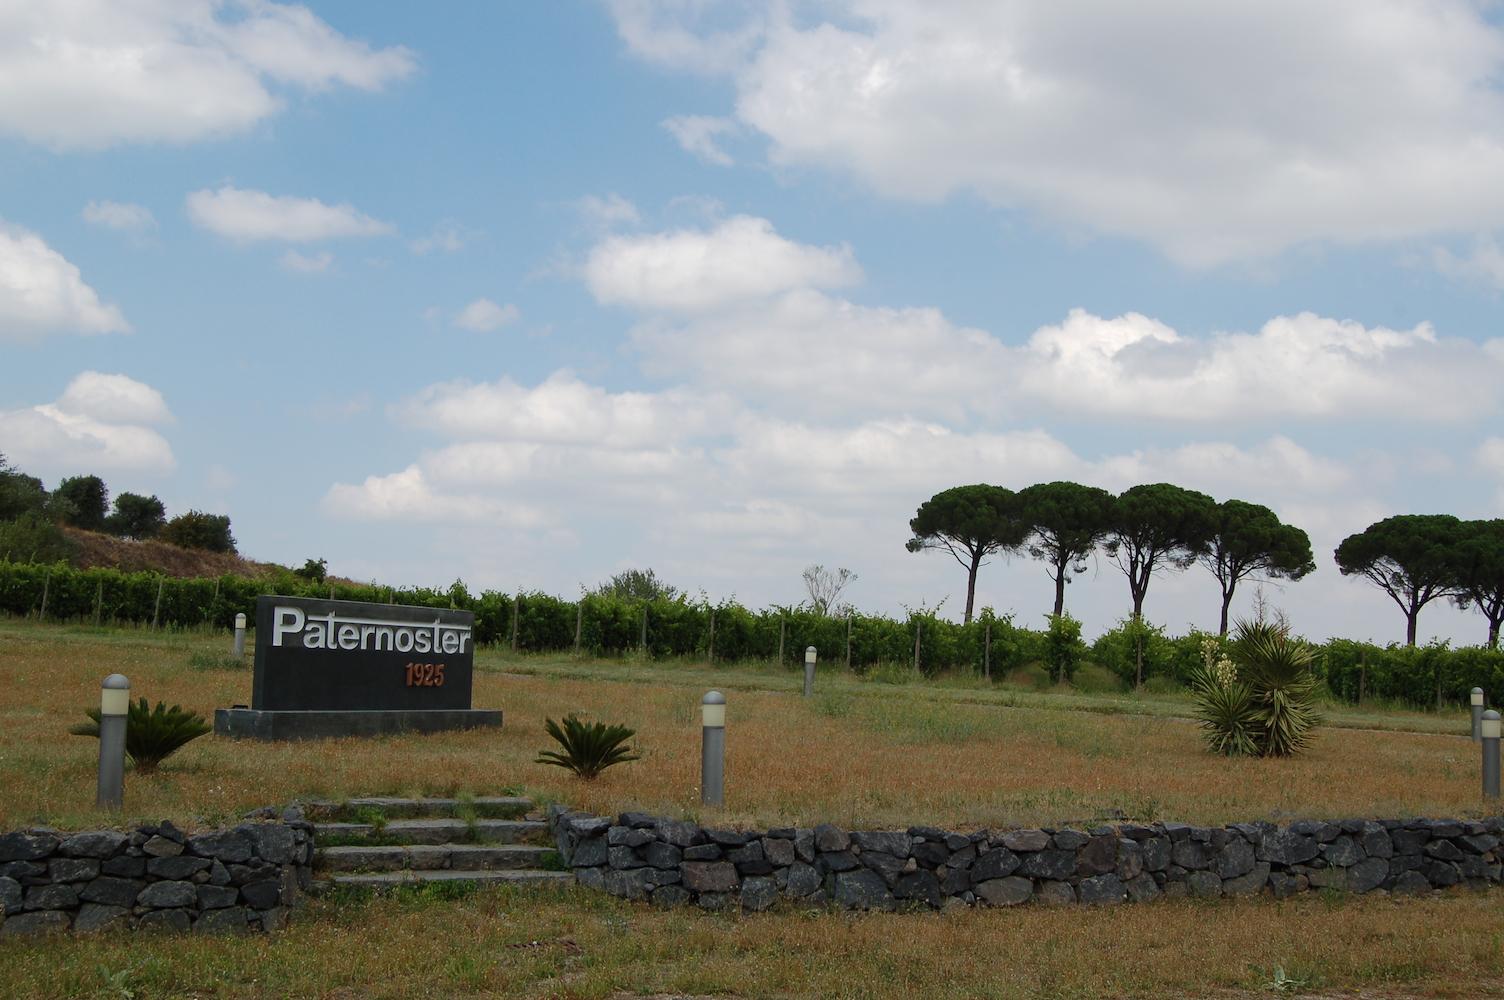 Valpolicella-Aglianico, alleanza produttivo-commerciale tra due storiche famiglie del vino